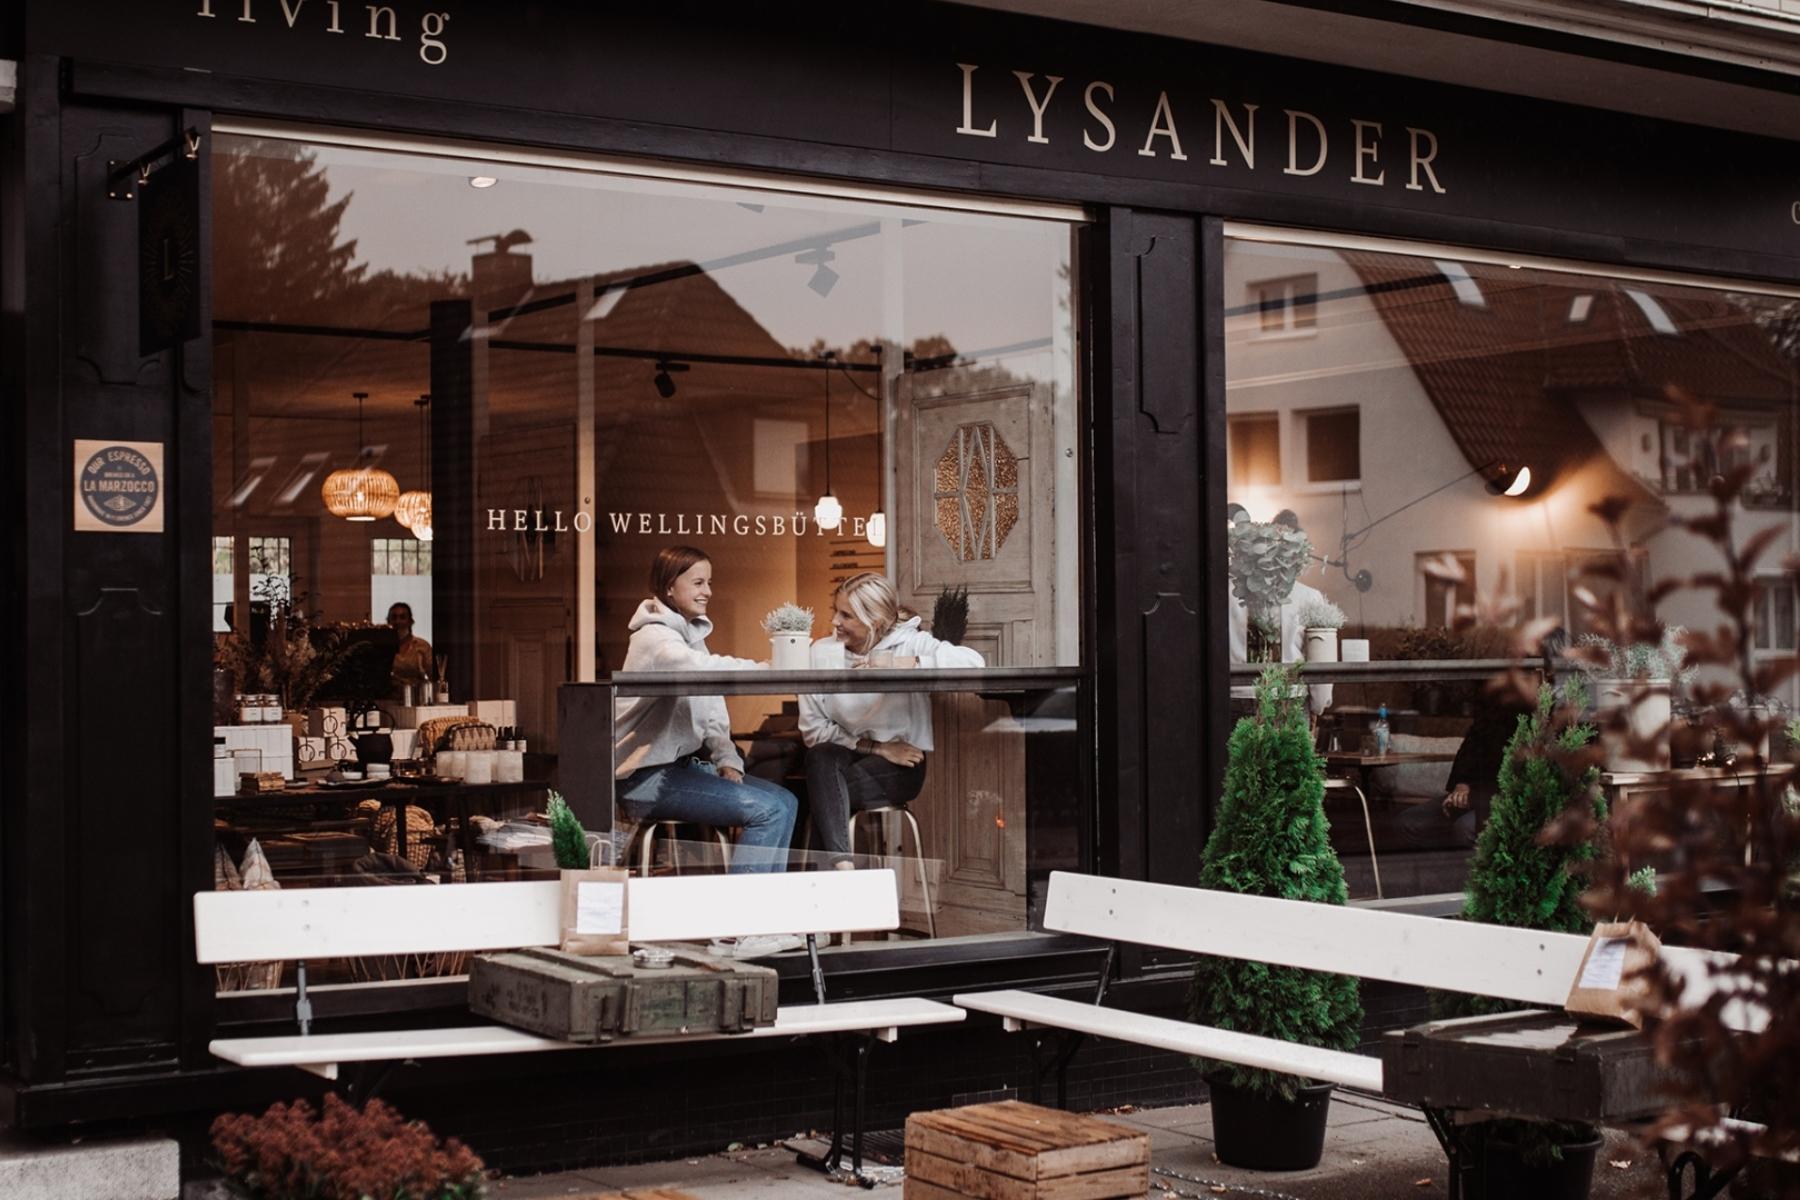 Willkommen beim Lysander – der Café Perle von Wellingsbüttel.